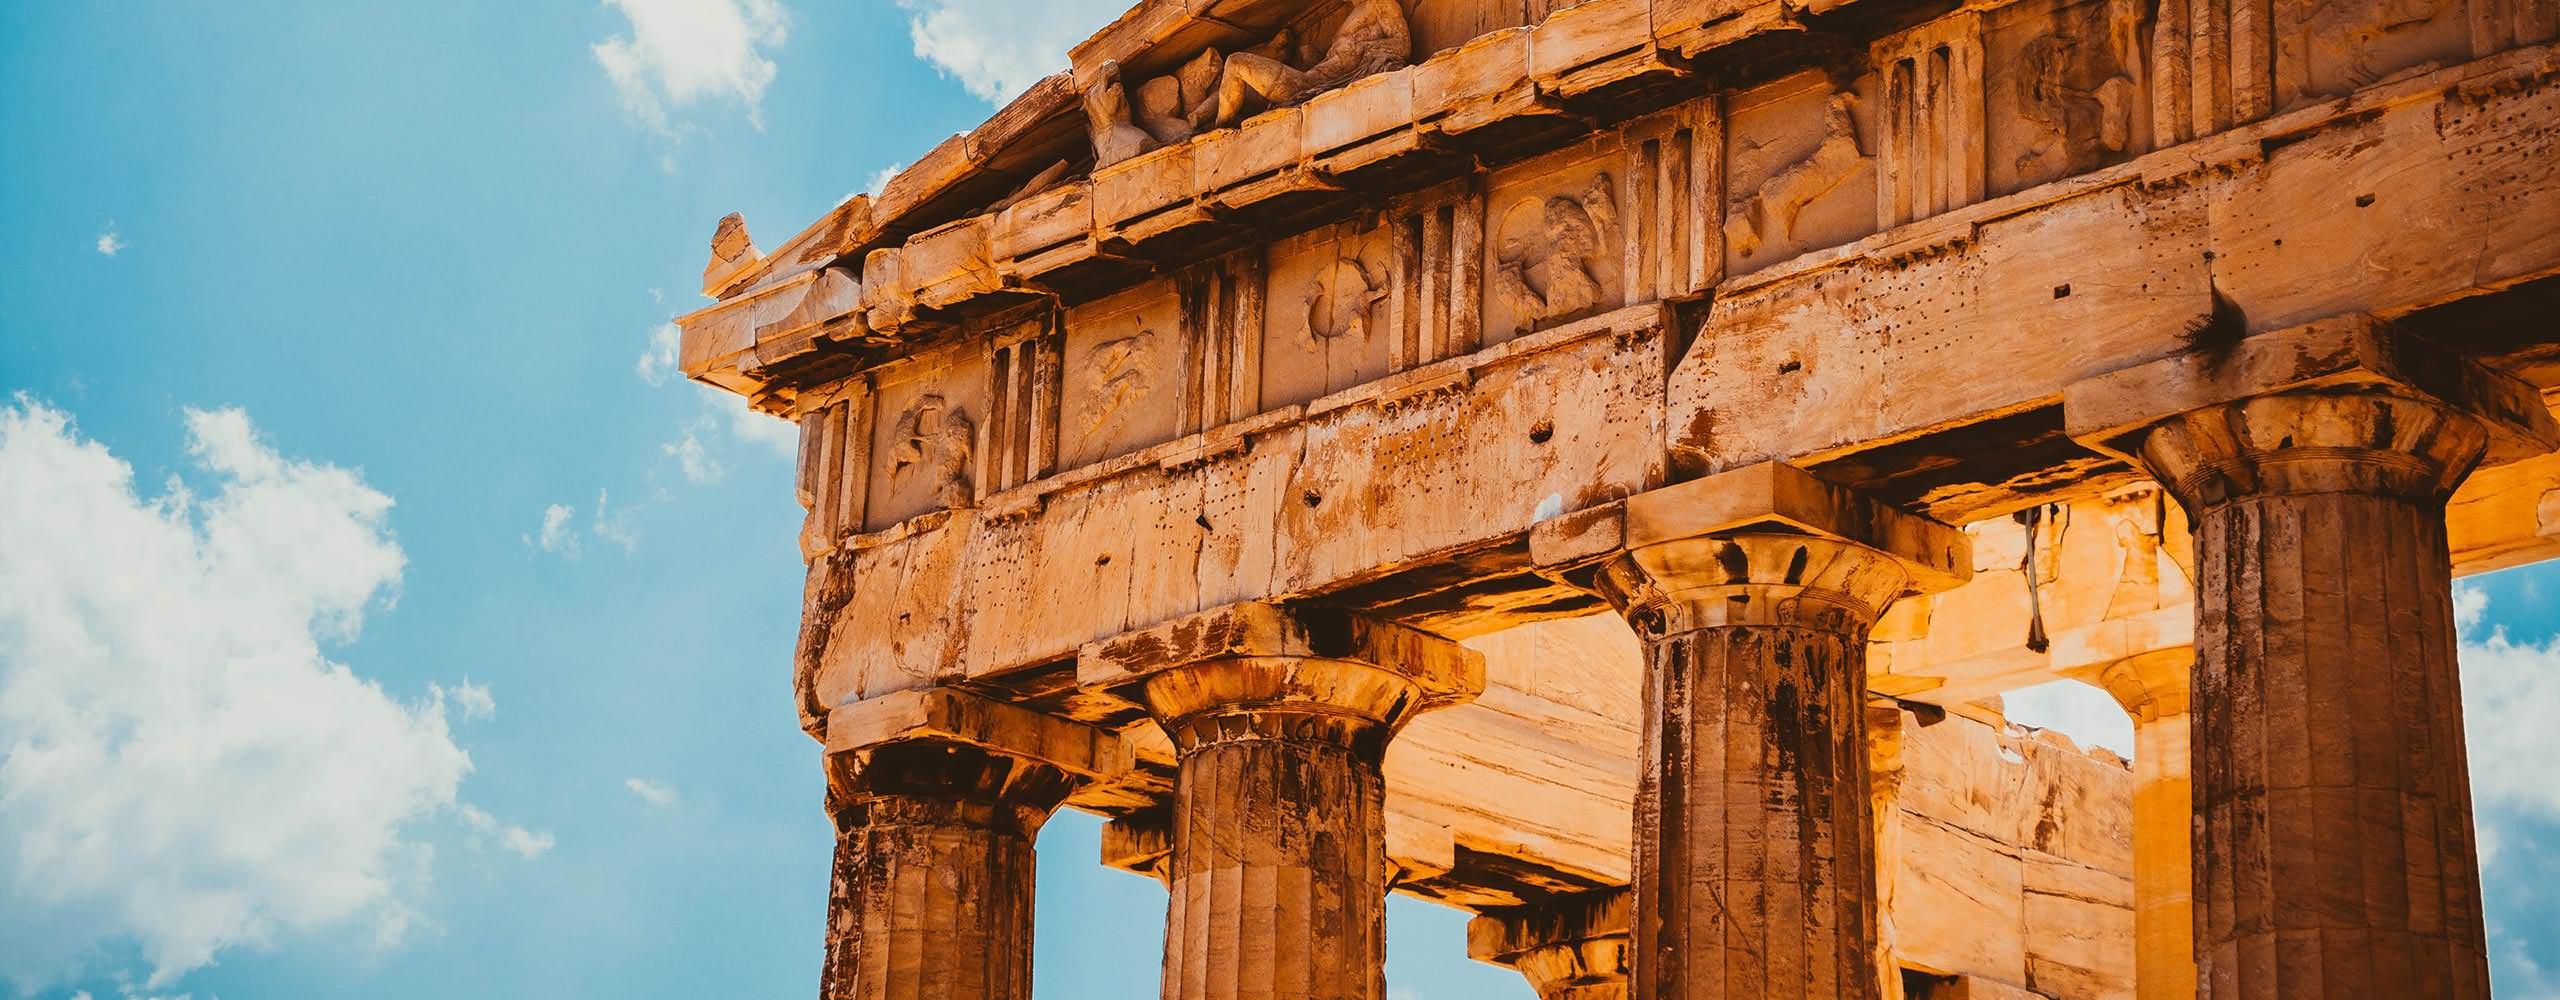 יוון - חמשת הגדולים